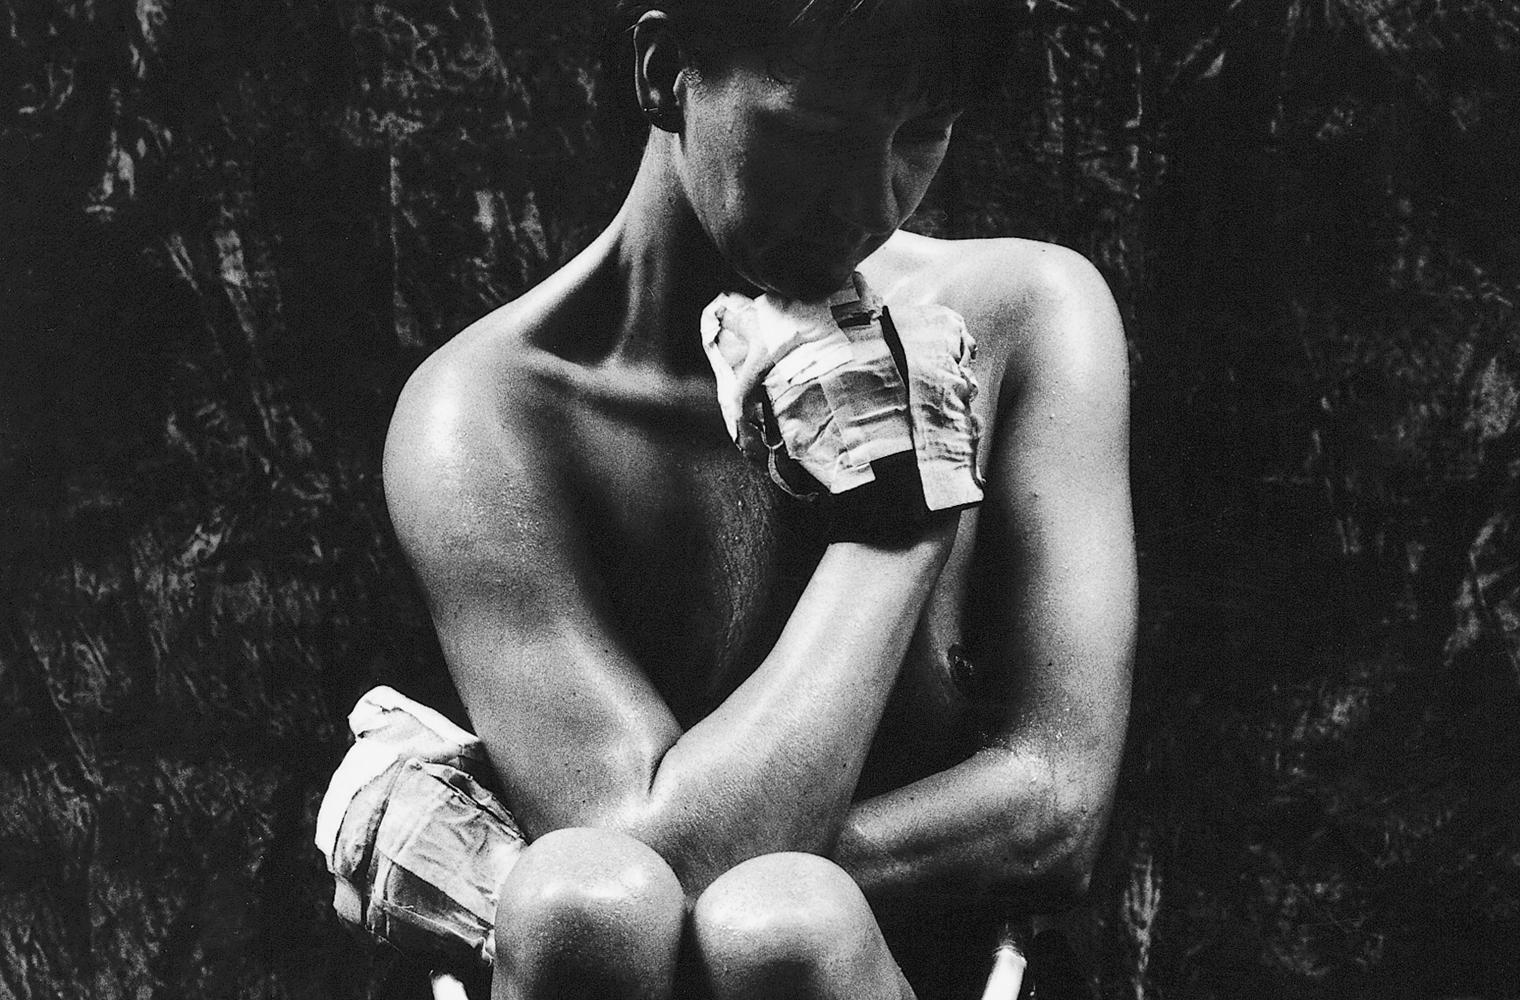 """Aktfoto einer Frau im Rollstuhl aus der Schwarz-Weiß-Serie """"Ganz unvollkommen"""" von Rasso Bruckert; Foto: Rasso Bruckert"""